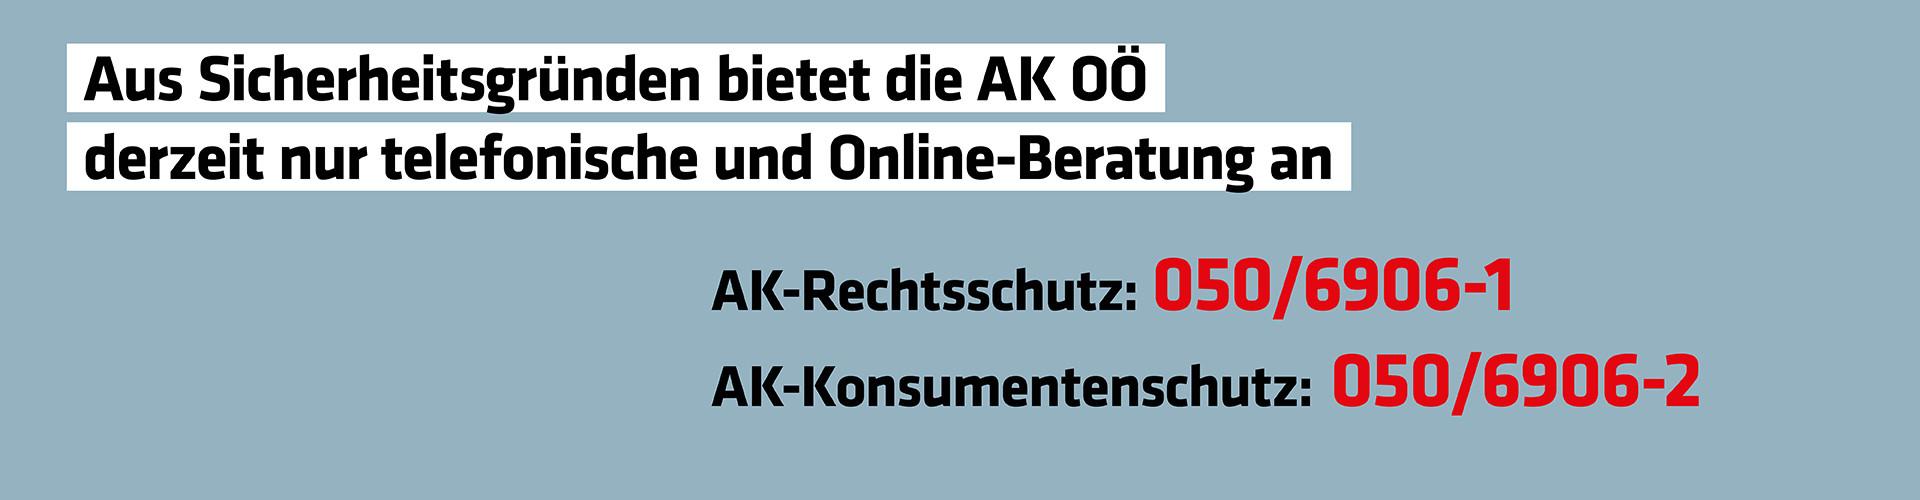 Aus Sicherheitsgründen bietet die AK OÖ derzeit nur telefonische und Online-Beratung an © -, Arbeiterkammer Oberösterreich